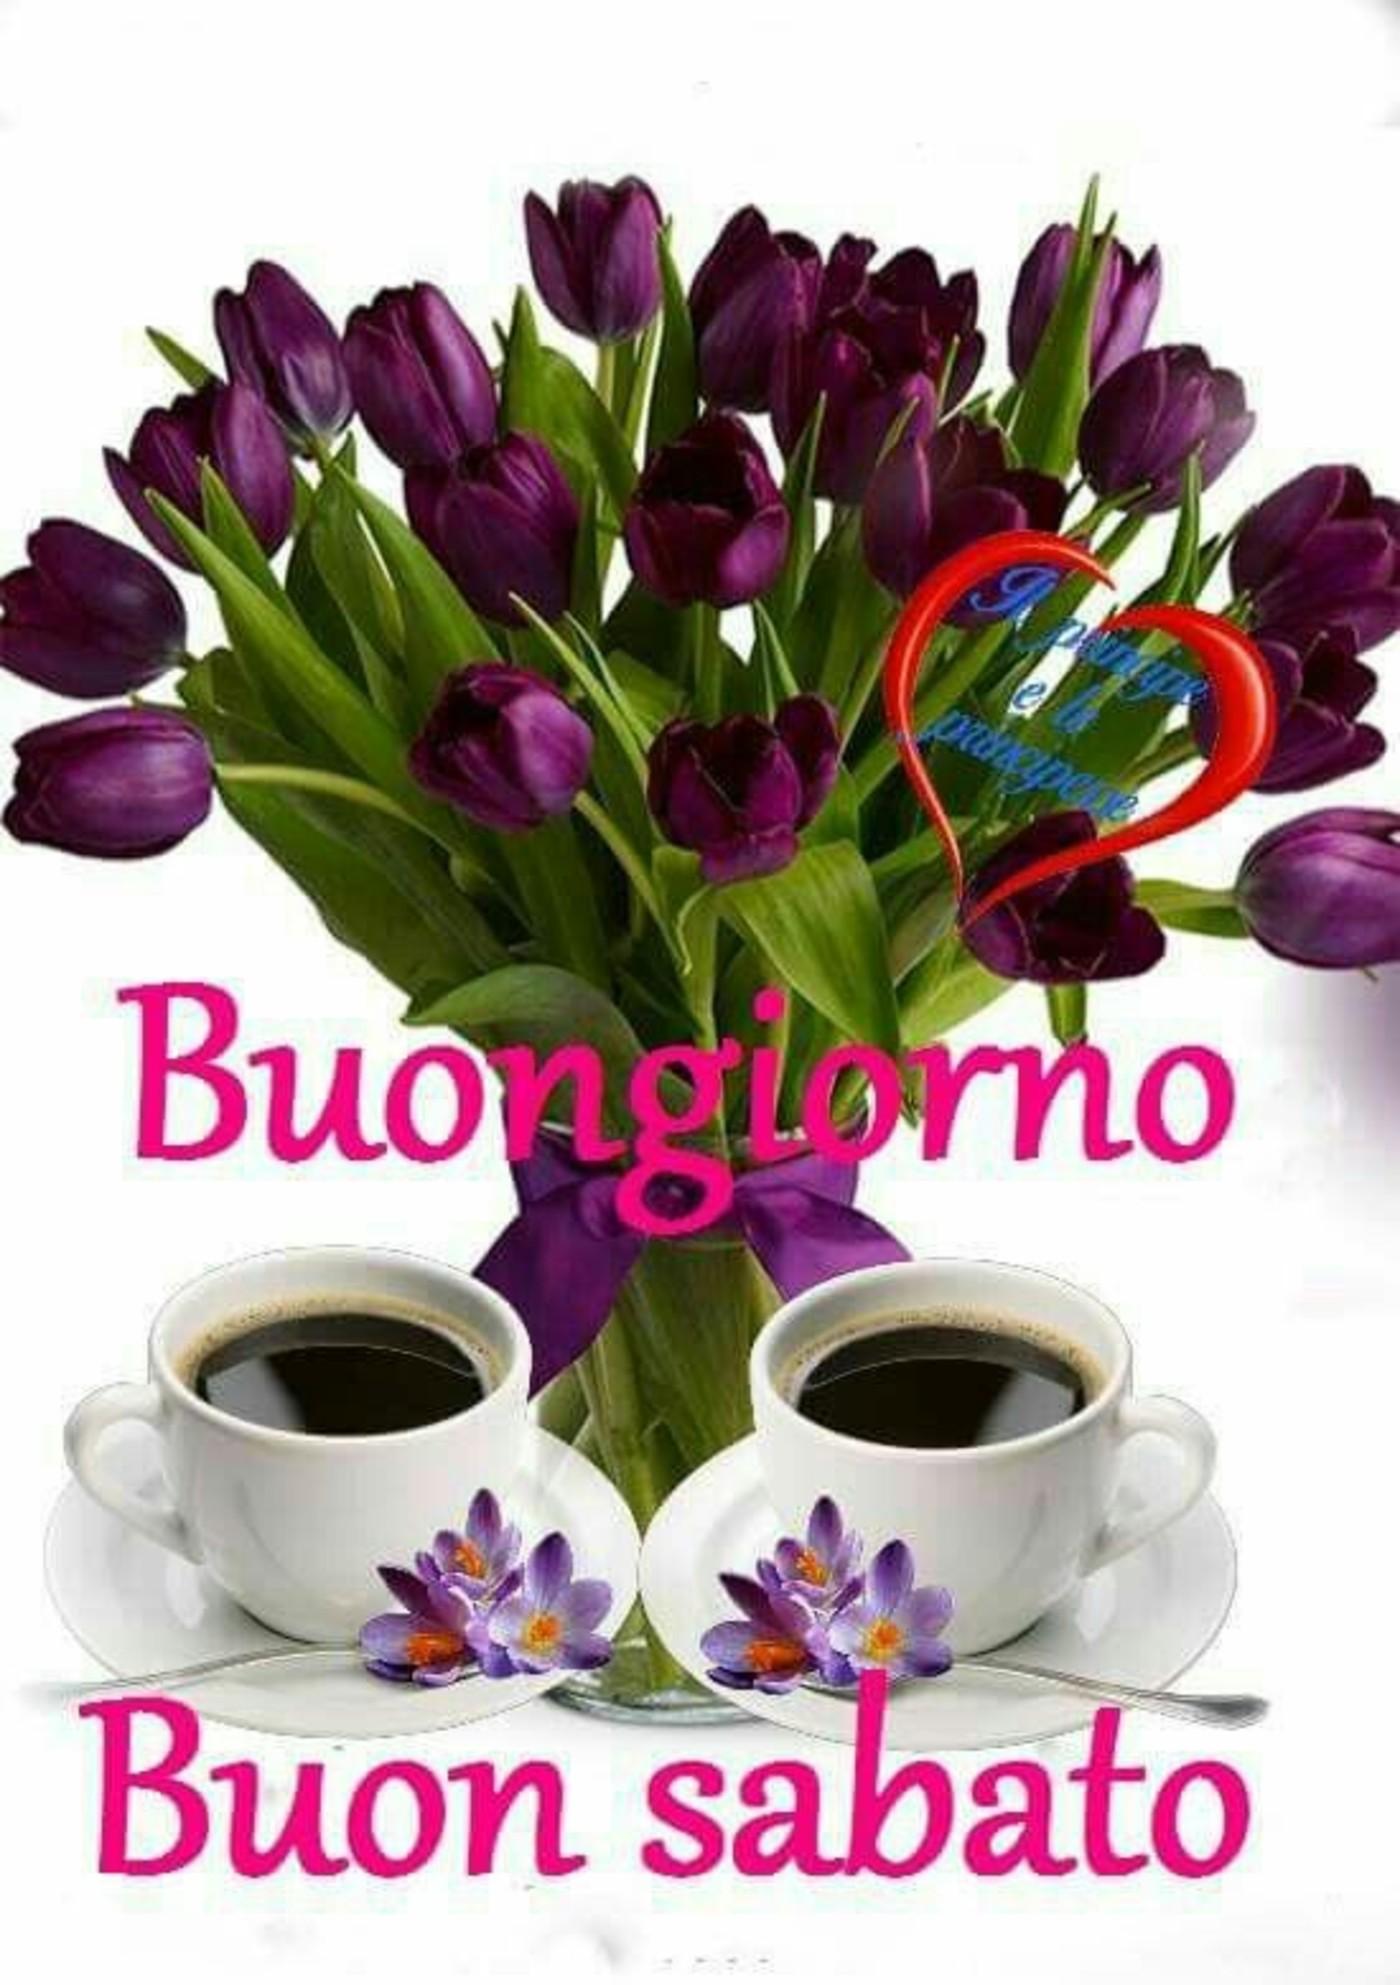 Buon Sabato E Buon Fine Settimana 69 Buongiorno Immagini It